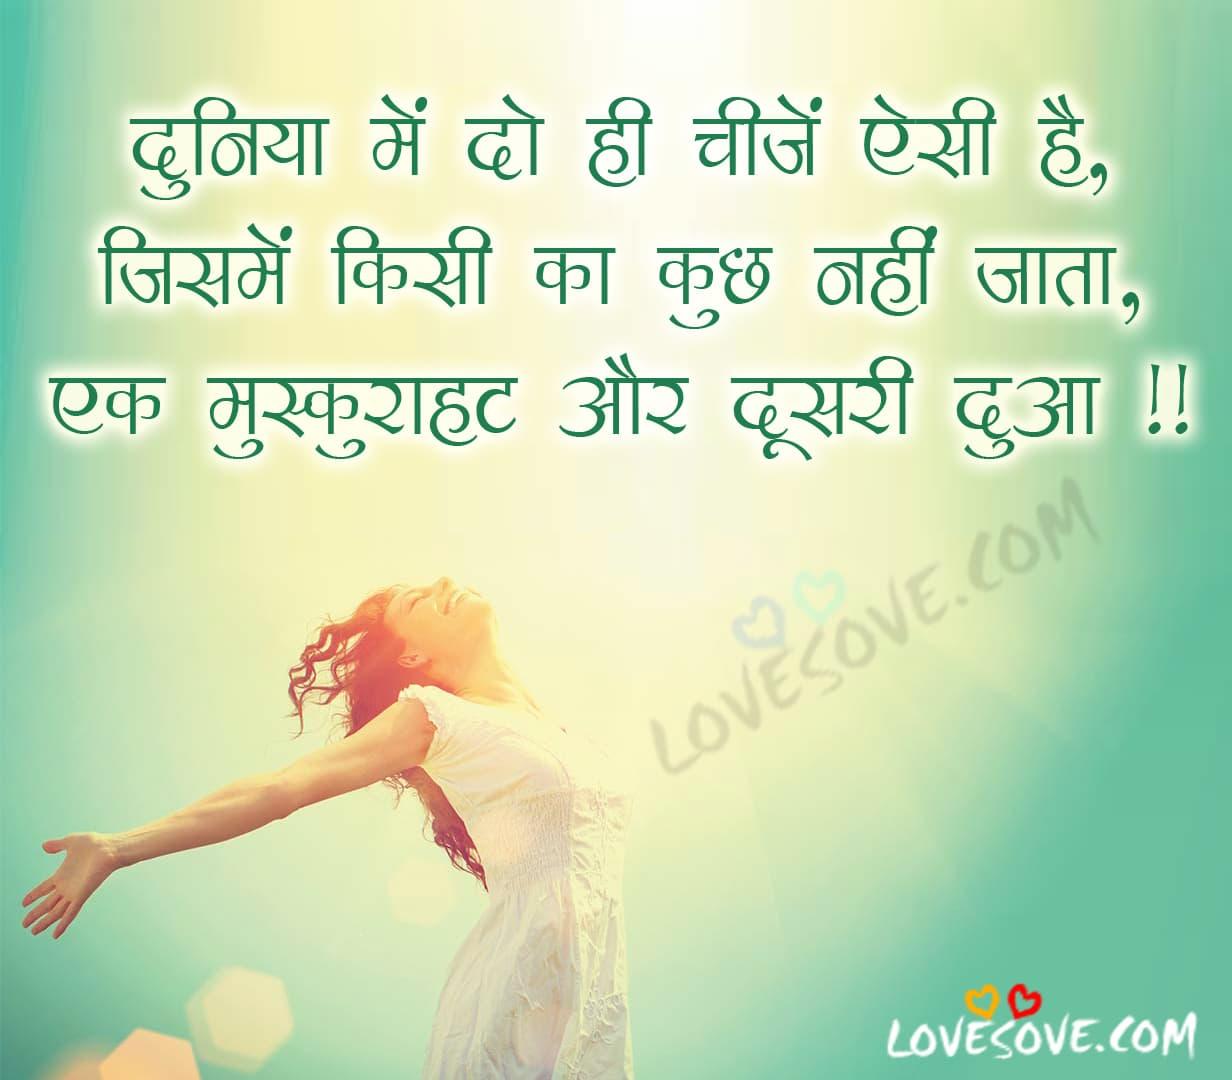 How To Be Happy In Life Quotes दुनिया में दो ही चीज़ें ऐसी है  Happy